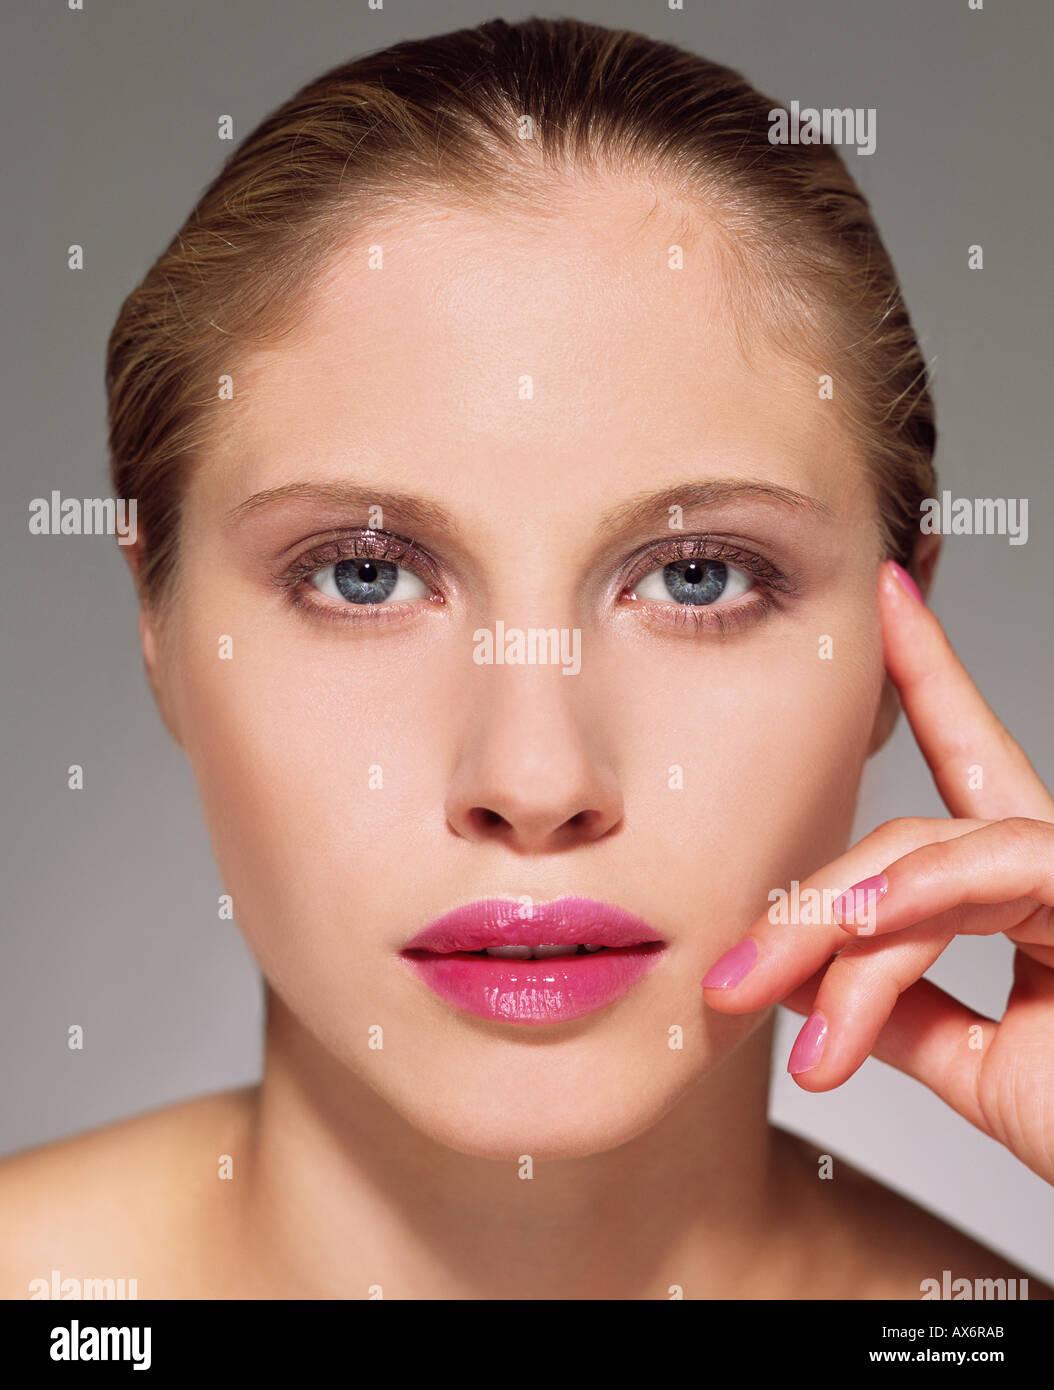 Woman wearing pink lipstick - Stock Image